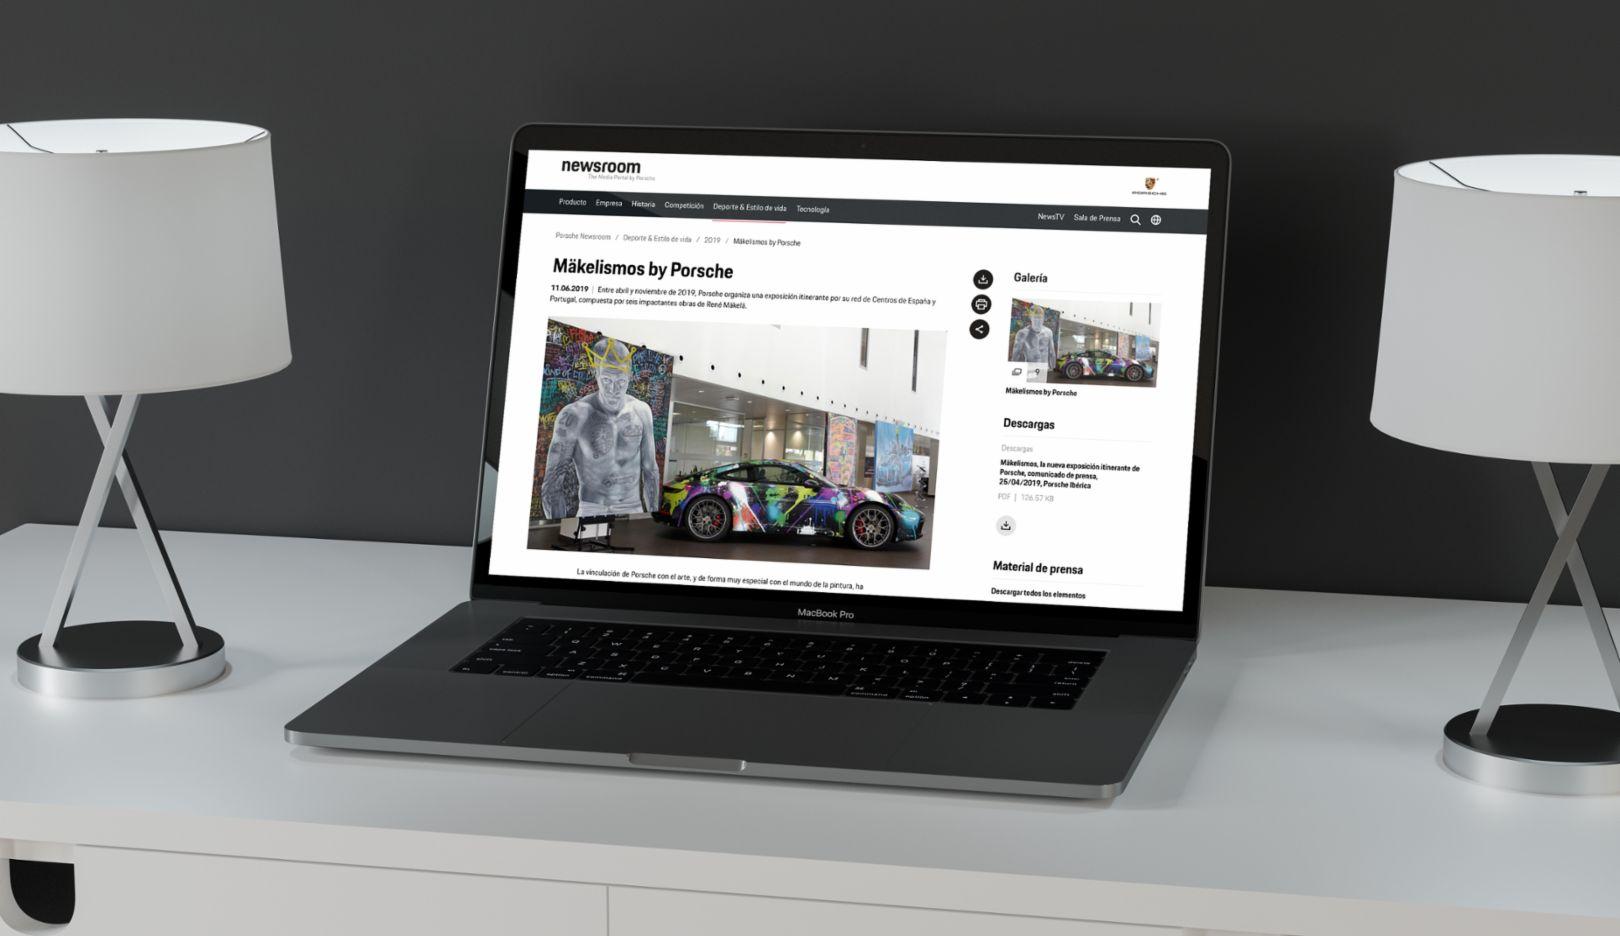 Porsche Newsroom en español - El mundo Porsche a un solo clic, 2019, Porsche Ibérica